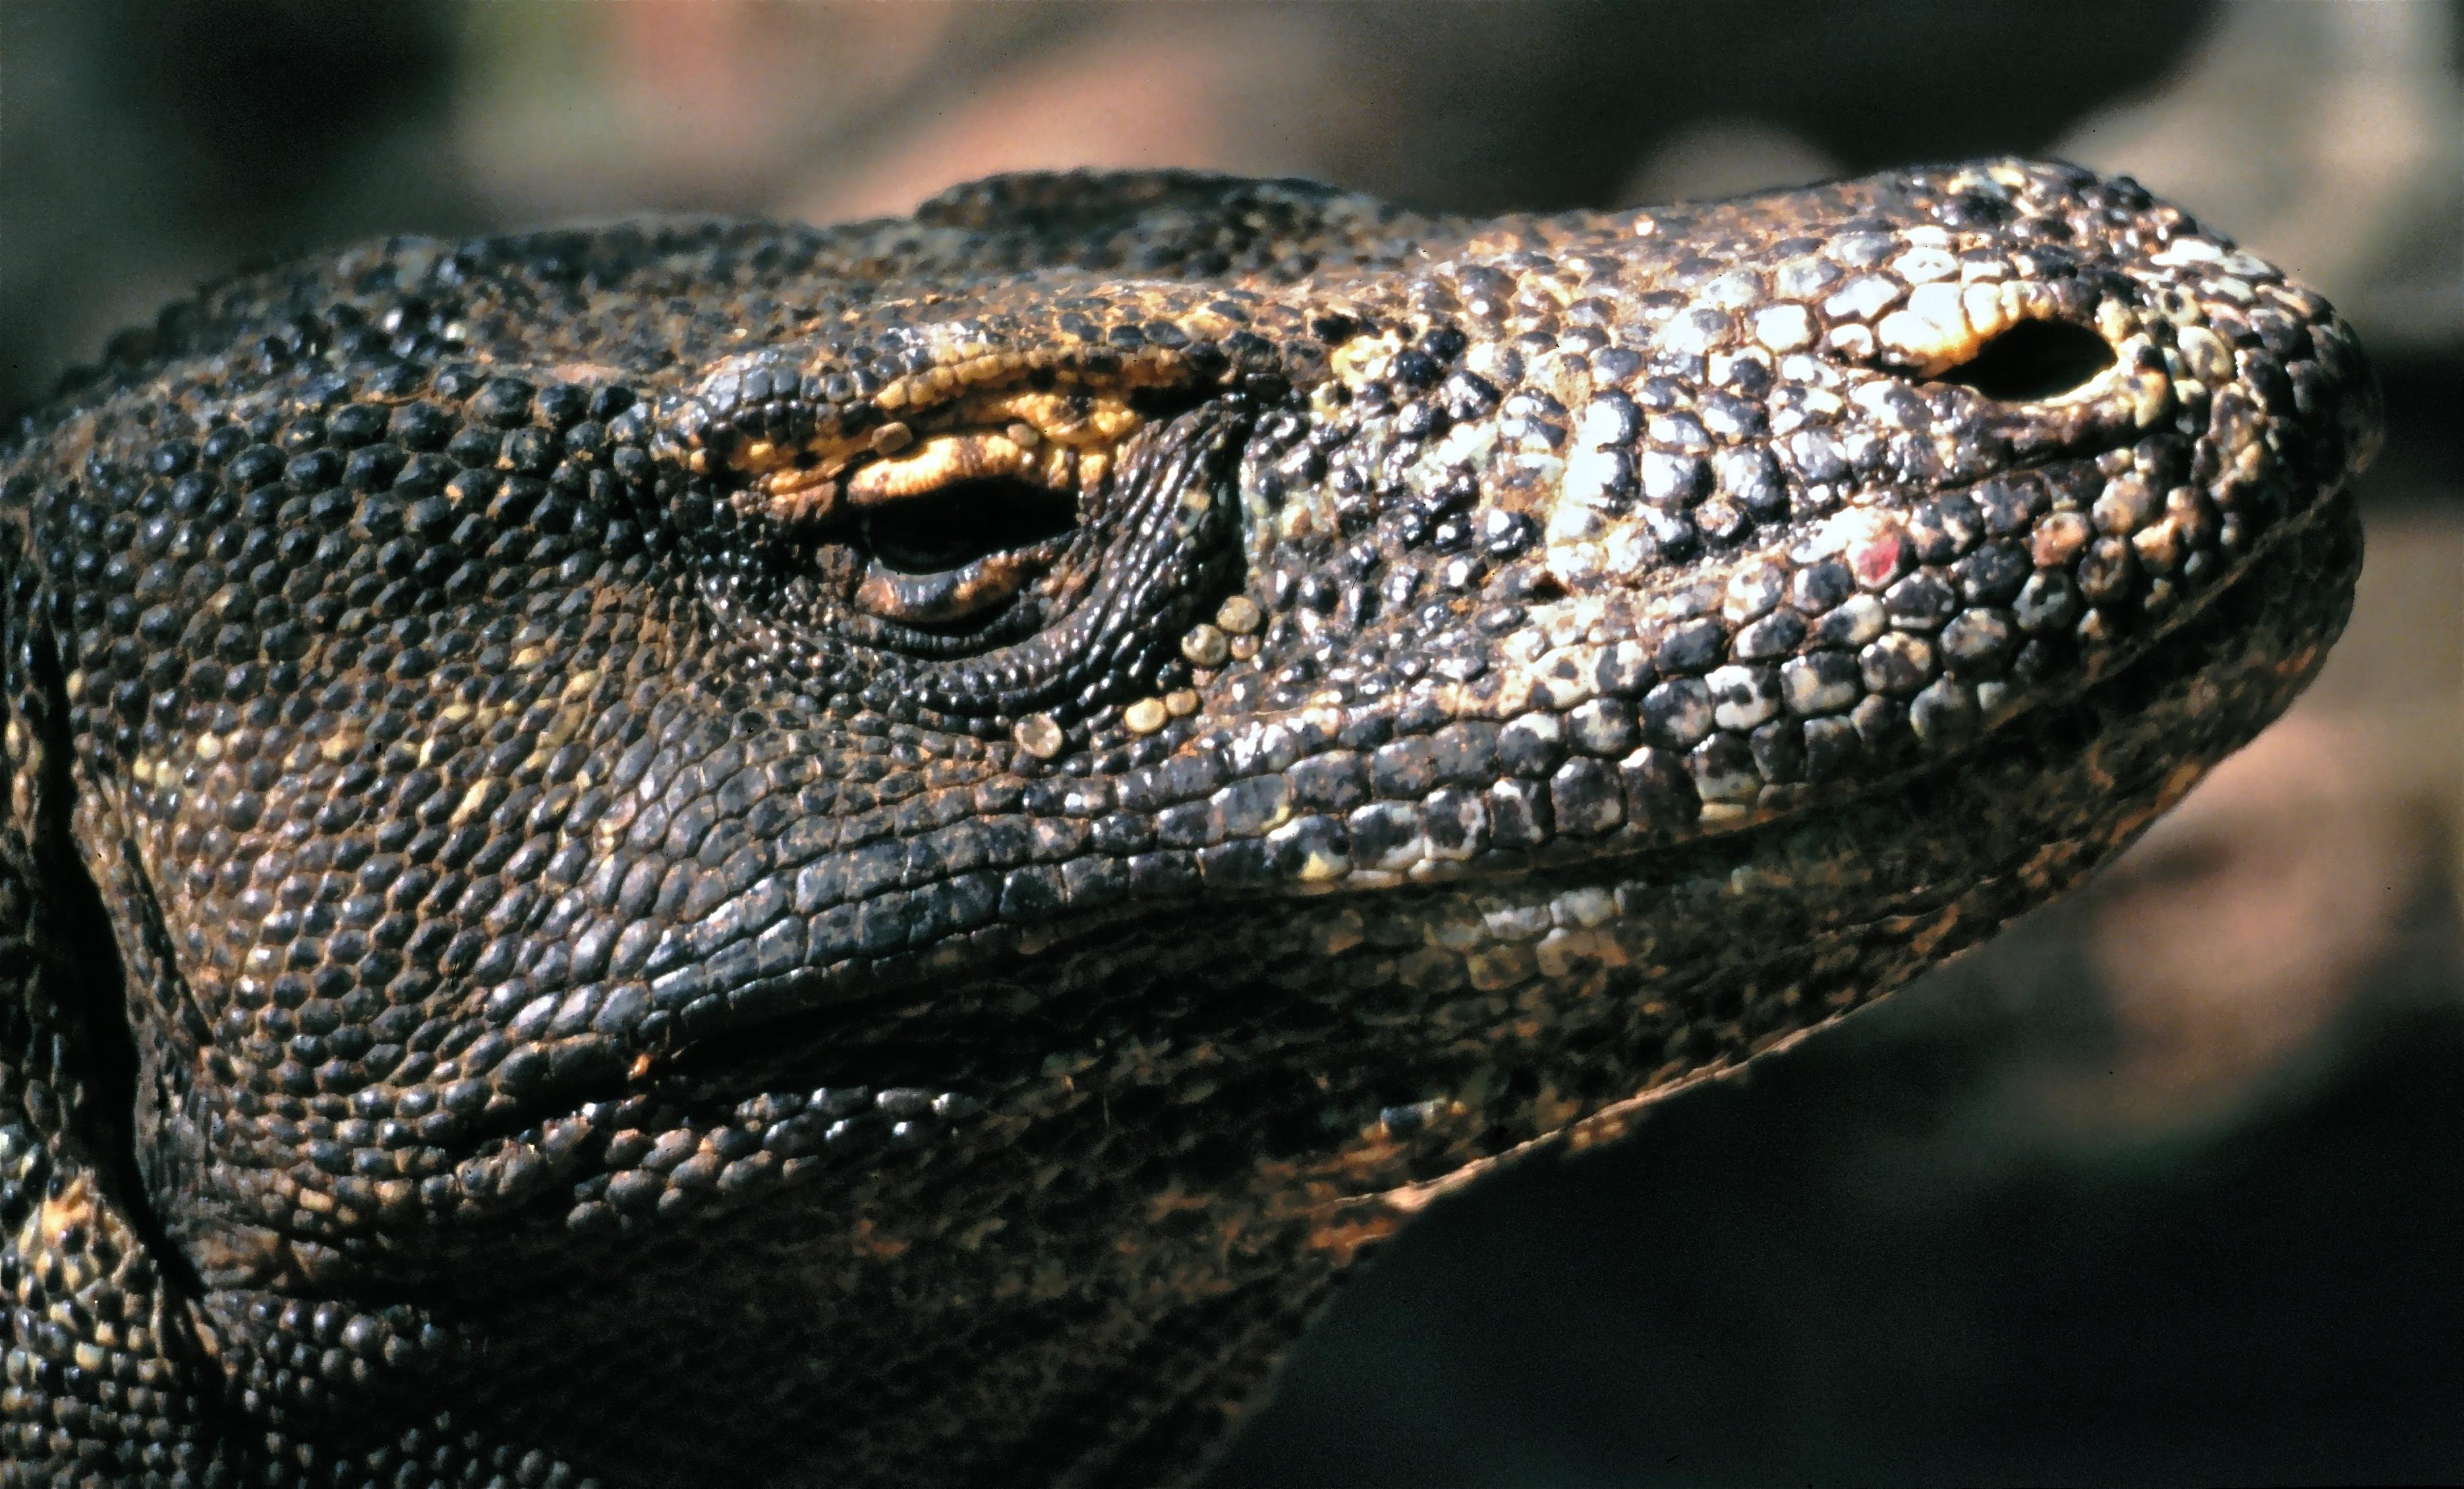 Komodo Dragon Wikipedia: File:Komodo Dragon Varanus Komodoensis Close-up With Ticks